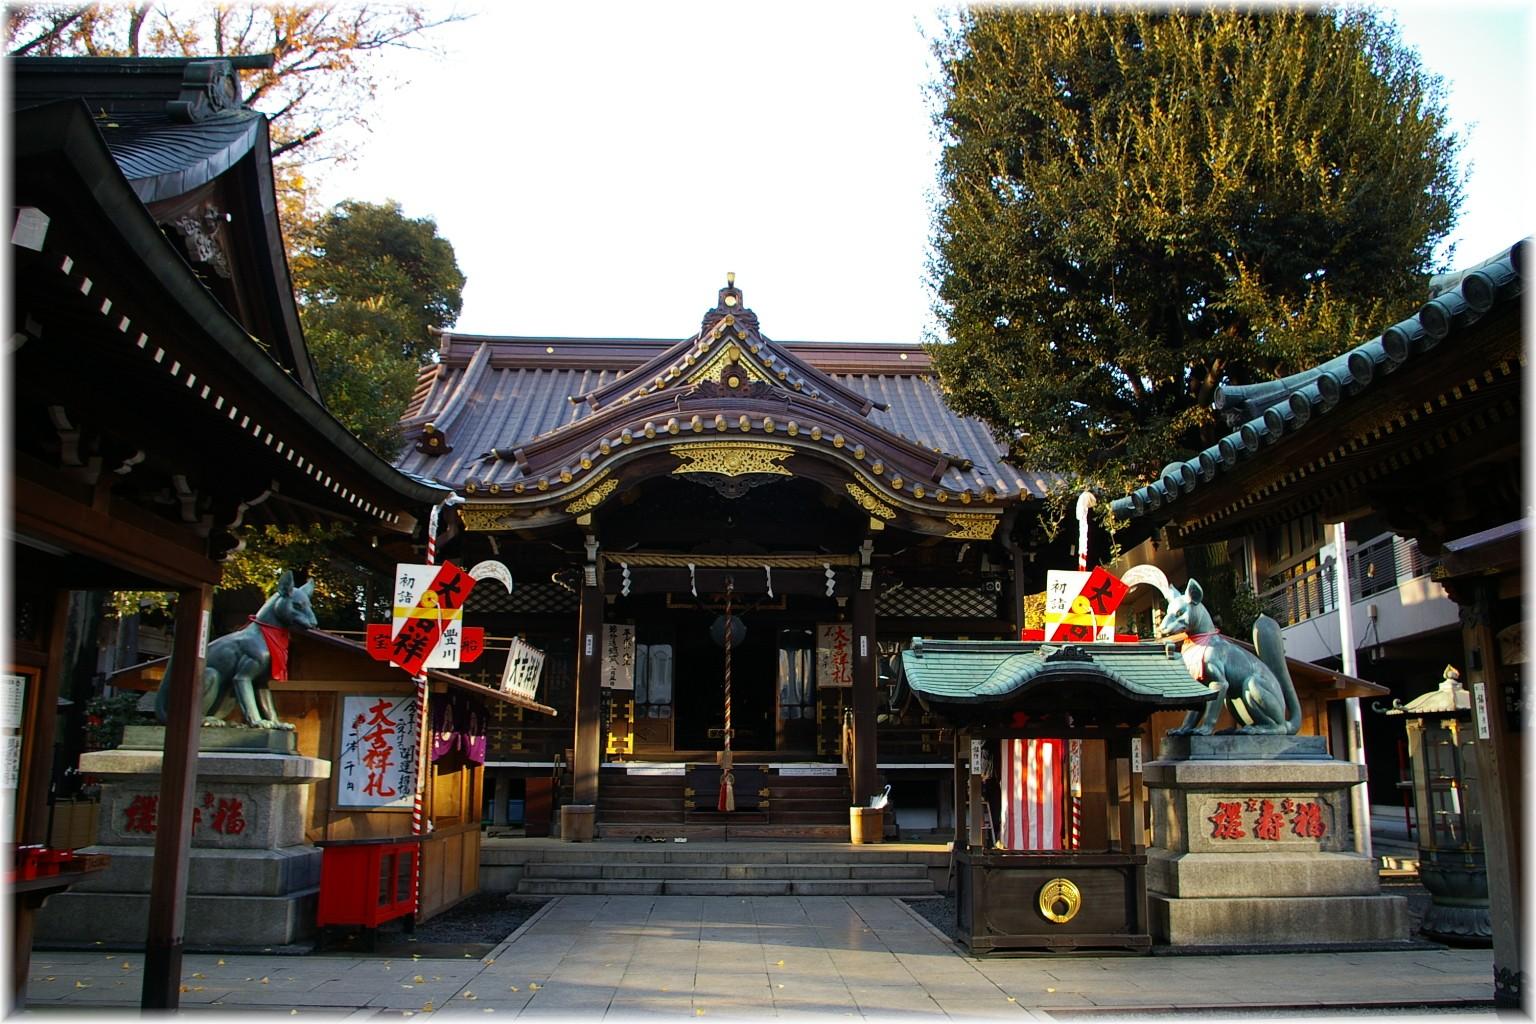 豊川稲荷東京別院 - Wikipedia